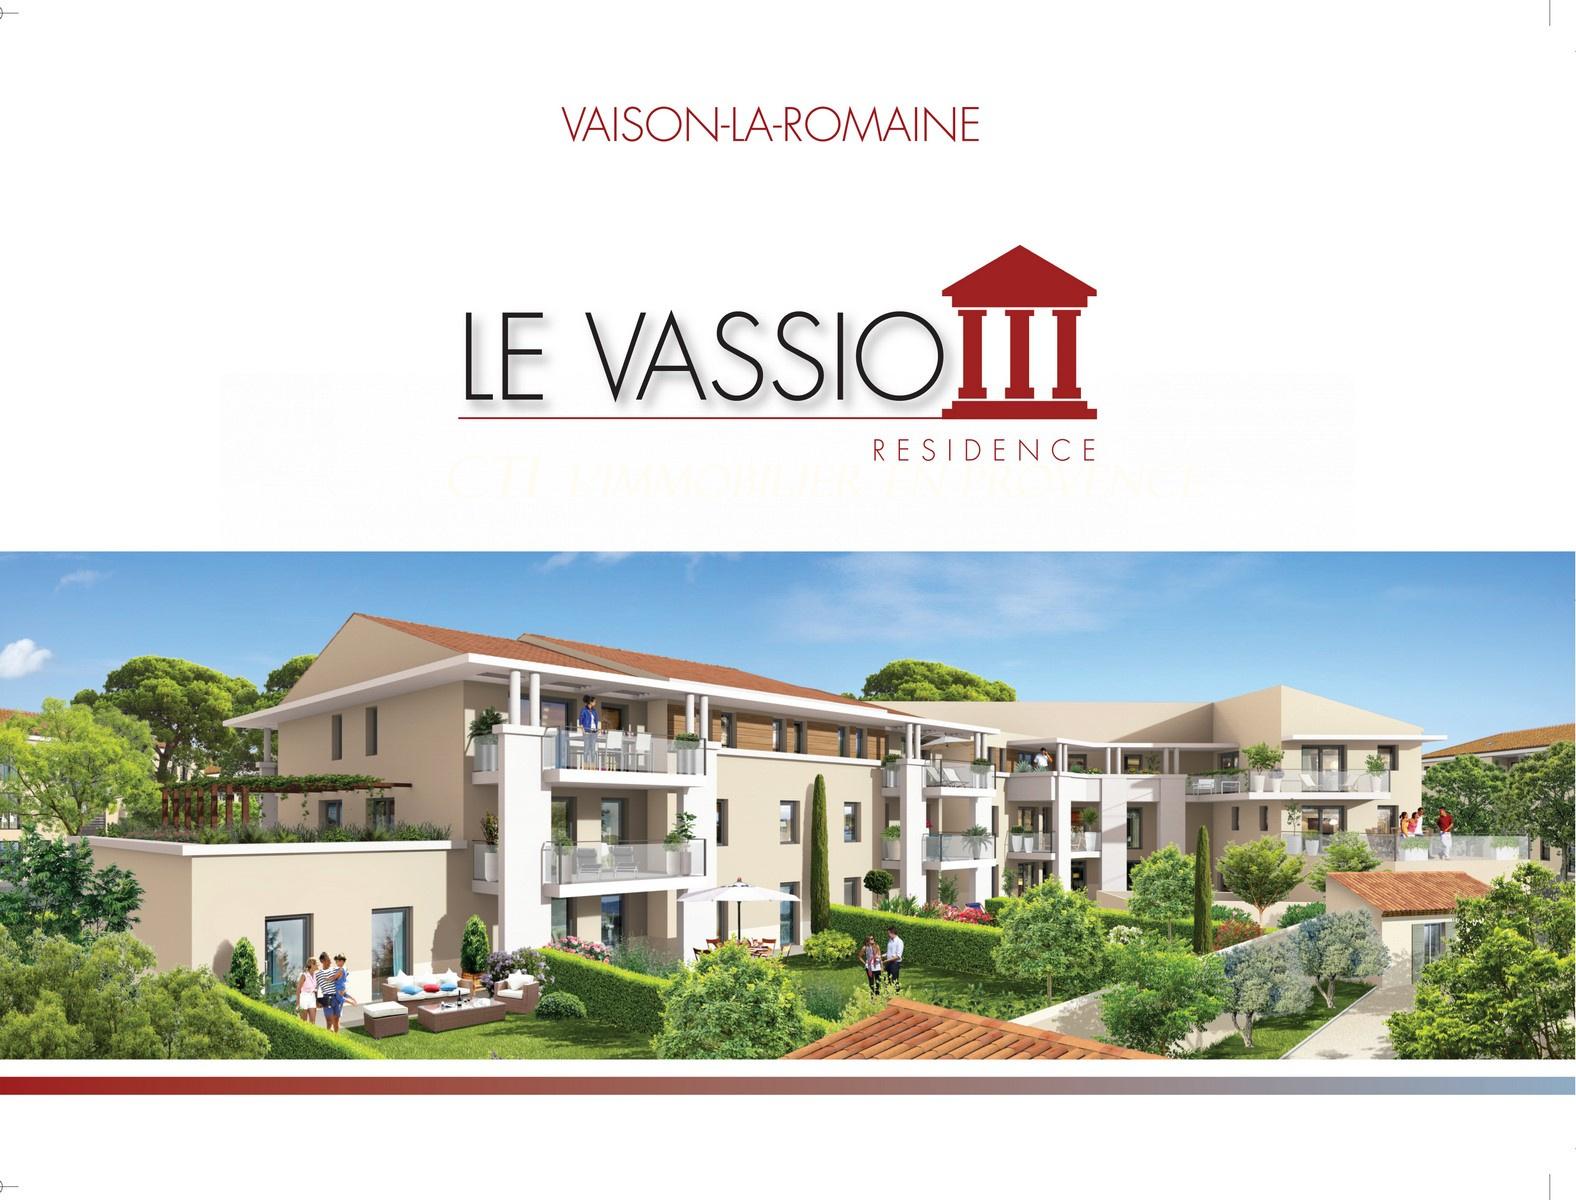 www.cti-provence.net PROGRAMME NEUF APPARTEMENT DE STANDING T2 VAISON LA ROMAINE ASCENSEUR JARDIN